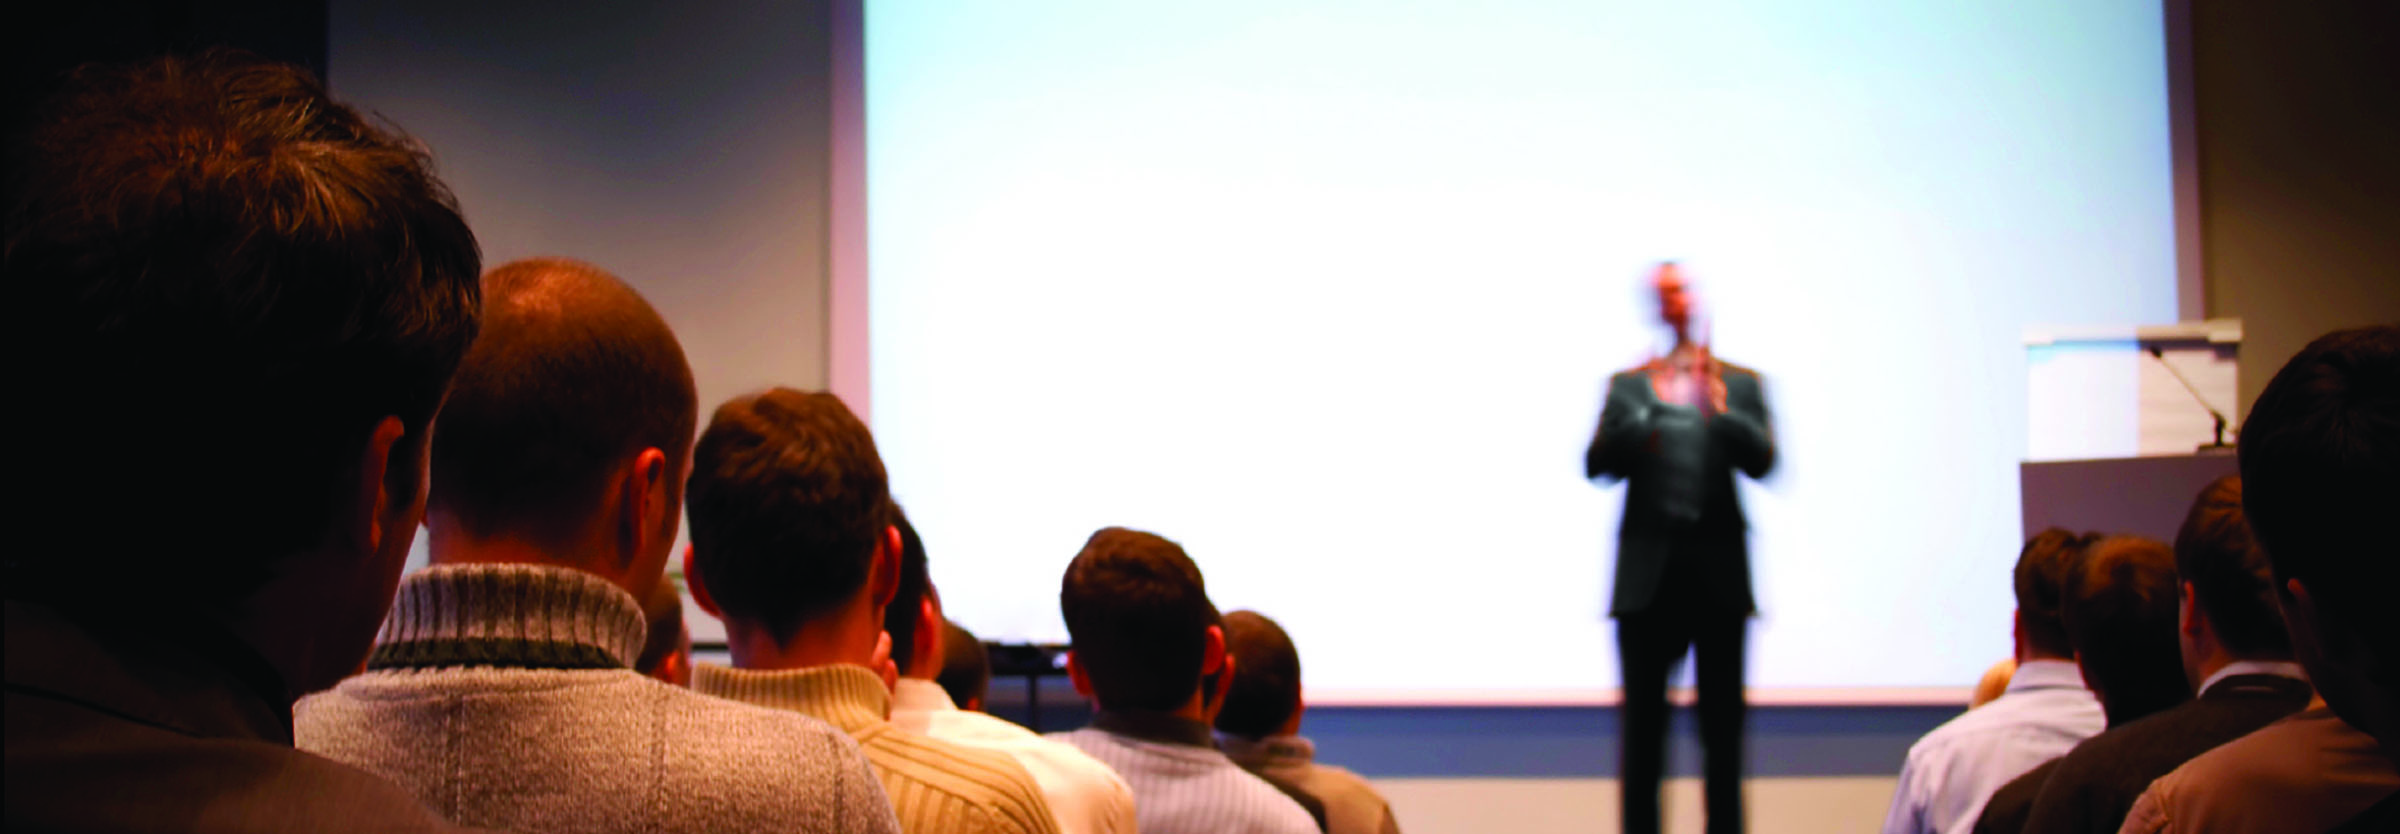 Meetings & Events desktop image